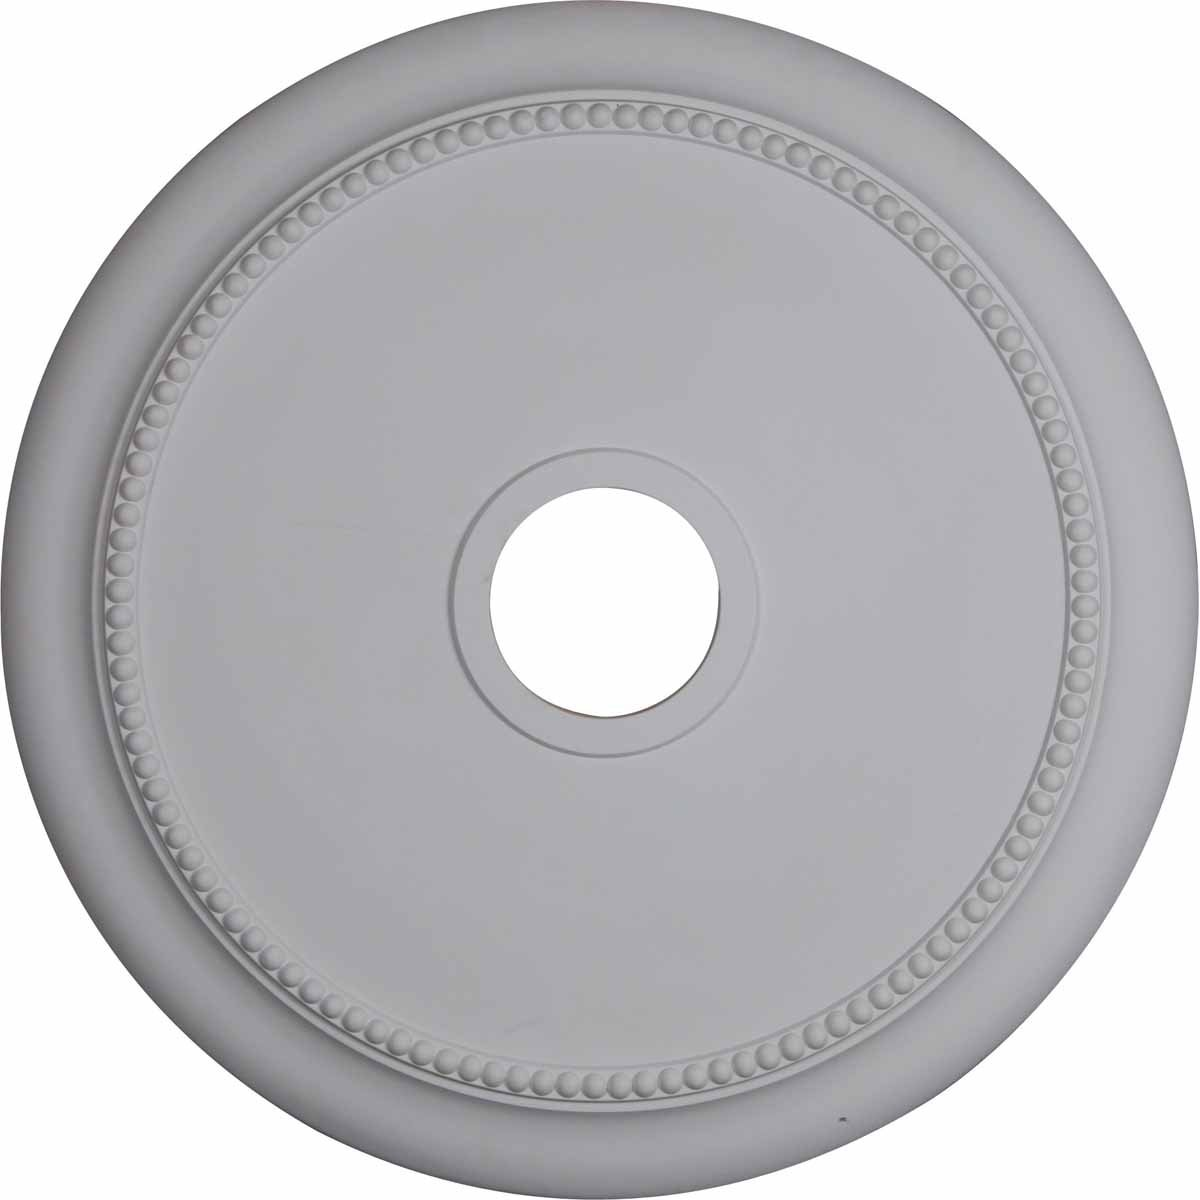 Ekena Millwork CM24CR 24 1/8-Inch OD x 4 3/8-Inch ID x 2 1/4-Inch P Crendon Ceiling Medallion